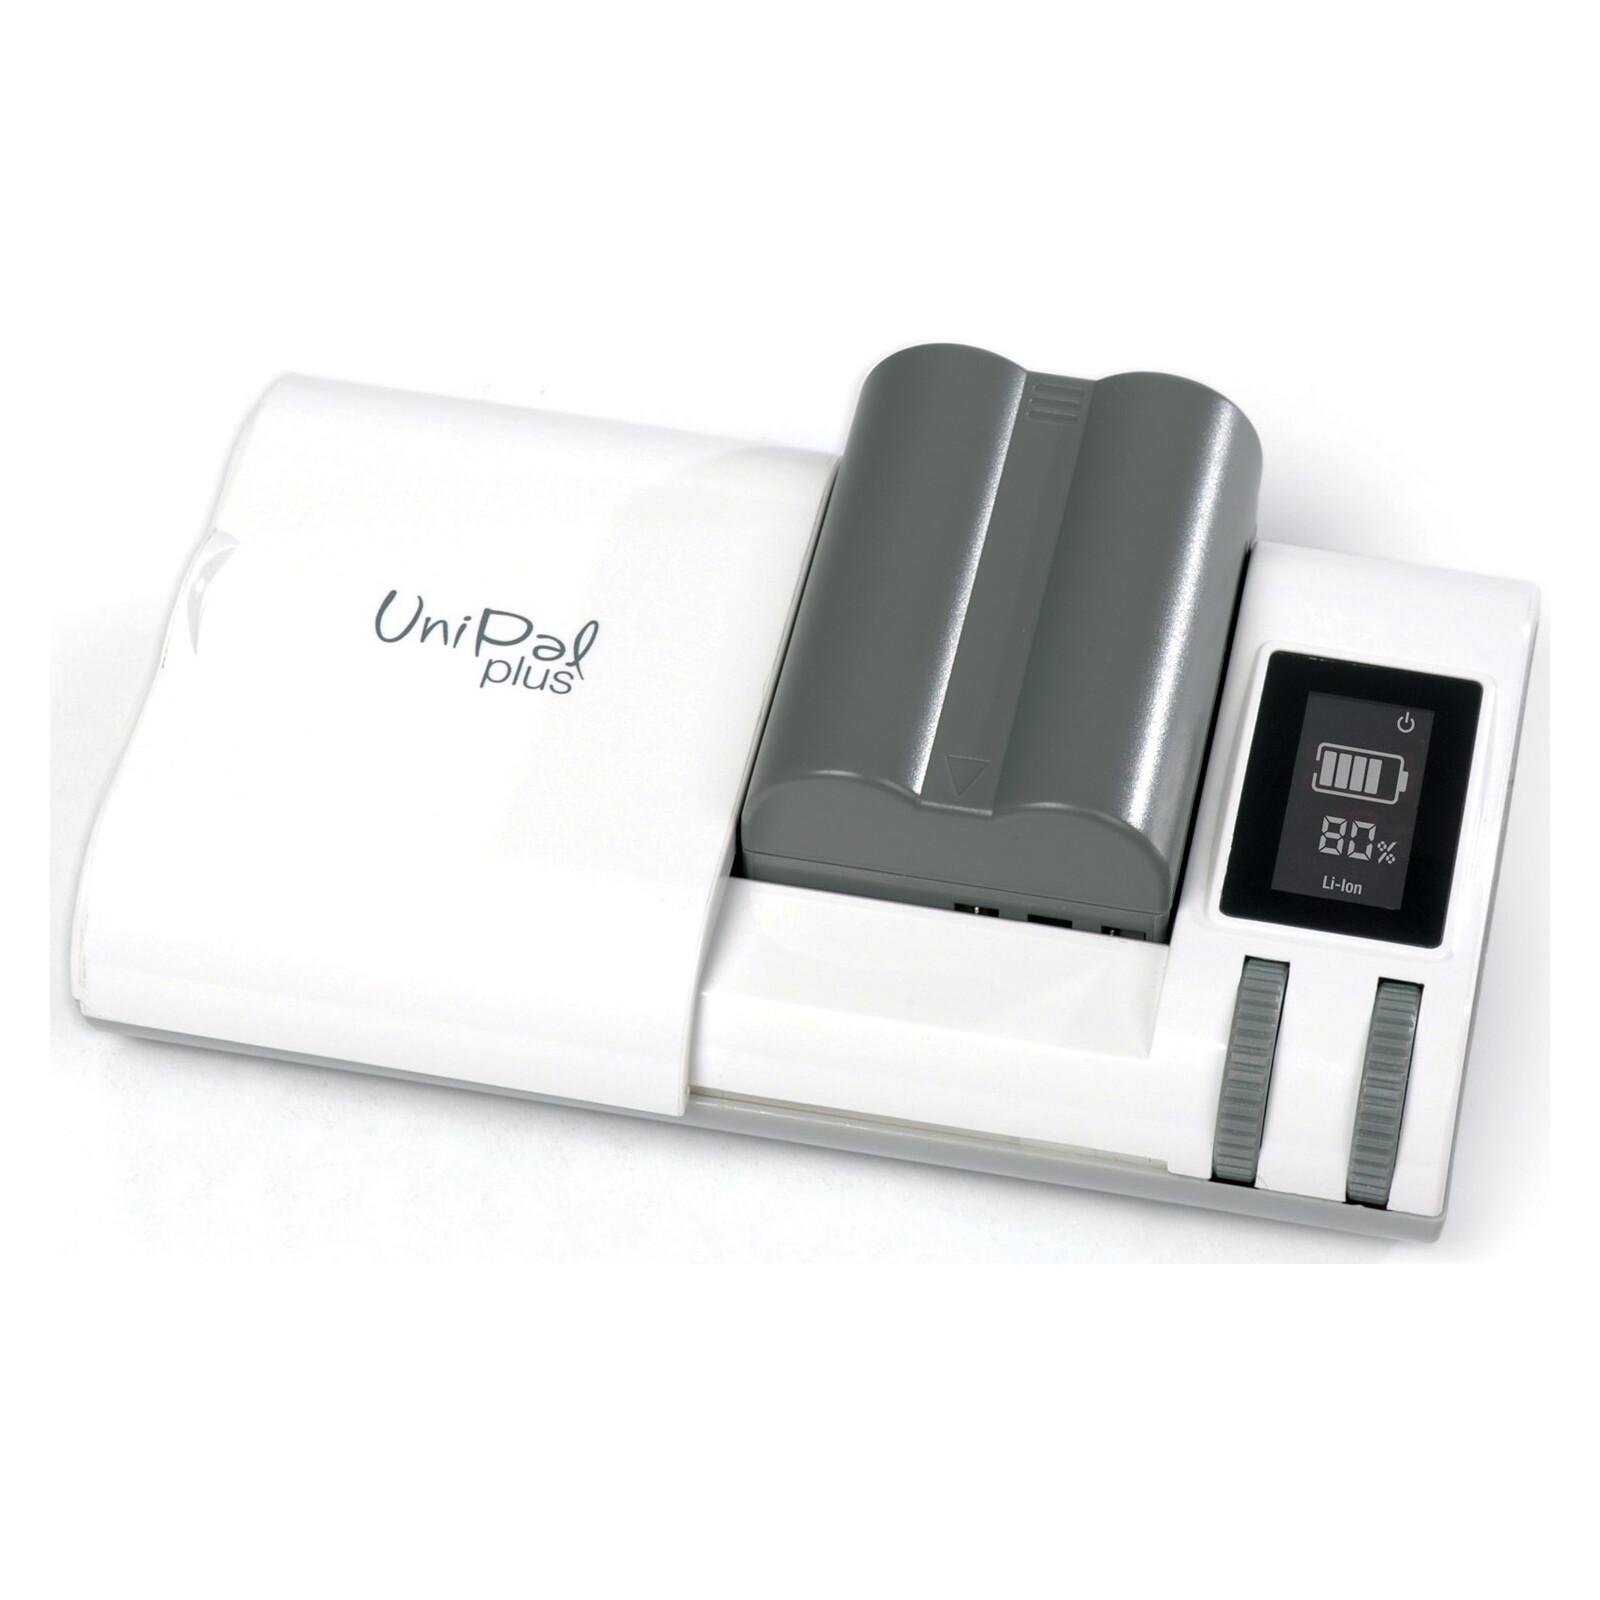 Hähnel Unipal Plus Universal Ladegerät mit LCD-Anzeige